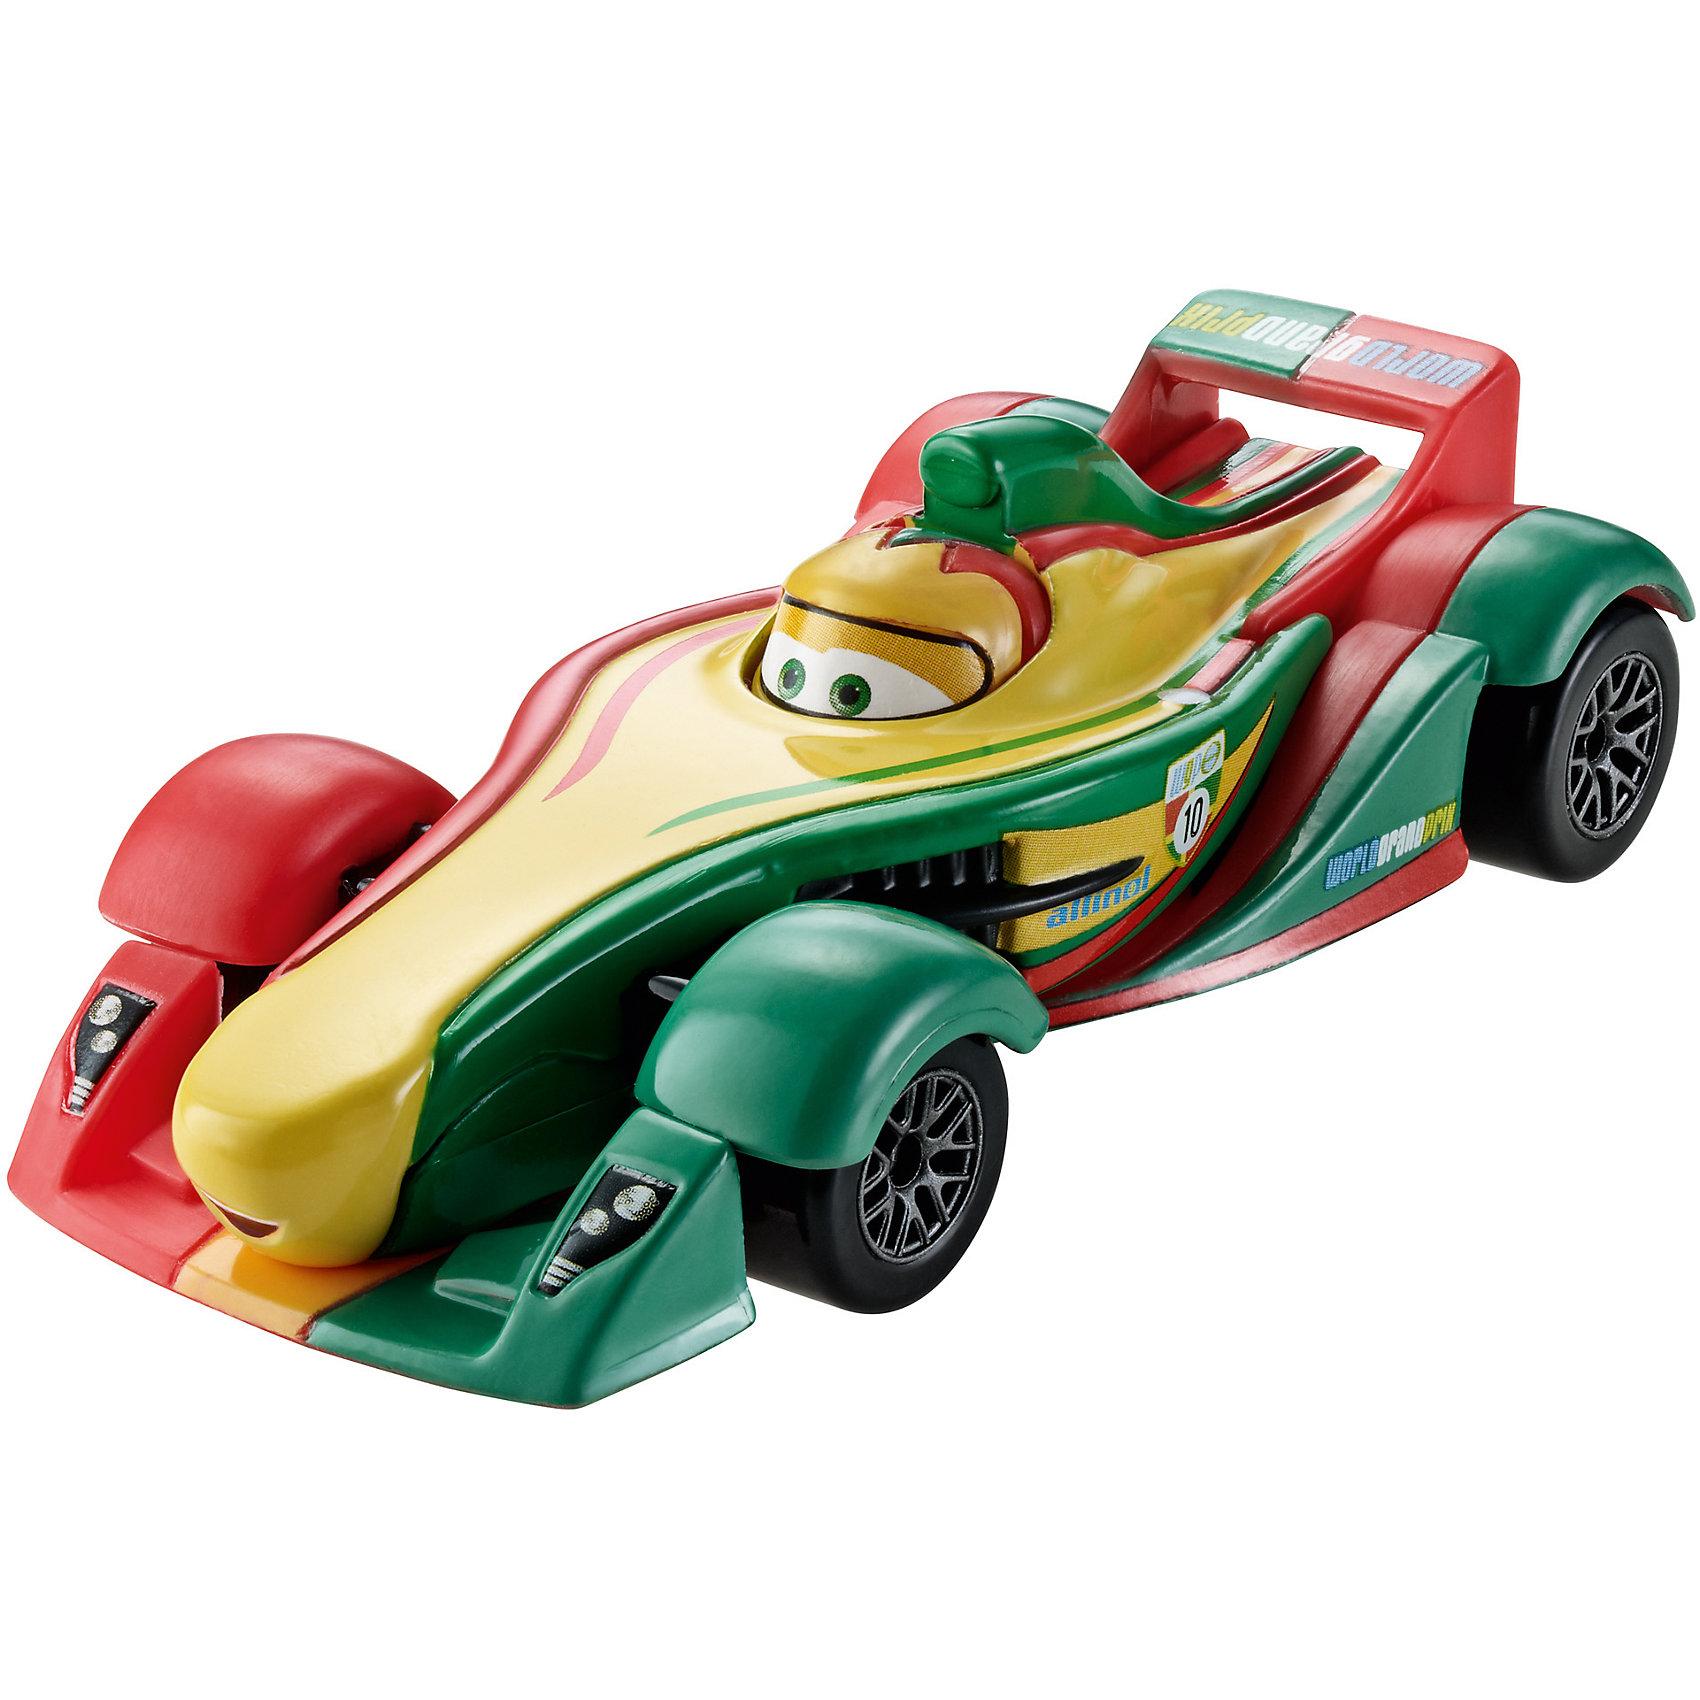 Литая машинка, Тачки-2Тачки<br>Литая машинка Делюкс от компании «Mattel» выполнена в виде главного персонажа мультфильма «Тачки 2». Изготовленная из металла в масштабе 1:55 игрушка отличается высокой степенью детализации и качеством исполнения. Завладев несколькими моделями, малыш сможет окунуться в любимый мультипликационный мир, устроить красочные показательные выступления среди машинок-киногероев.<br><br>Дополнительная информация:<br><br>- Материал: металл<br>- В упаковке: 1 шт.<br>- Размер машинки: 8 см.<br><br>Литую машинку, Тачки-2 можно купить в нашем магазине.<br><br>Ширина мм: 135<br>Глубина мм: 45<br>Высота мм: 160<br>Вес г: 80<br>Возраст от месяцев: 36<br>Возраст до месяцев: 72<br>Пол: Мужской<br>Возраст: Детский<br>SKU: 5146051